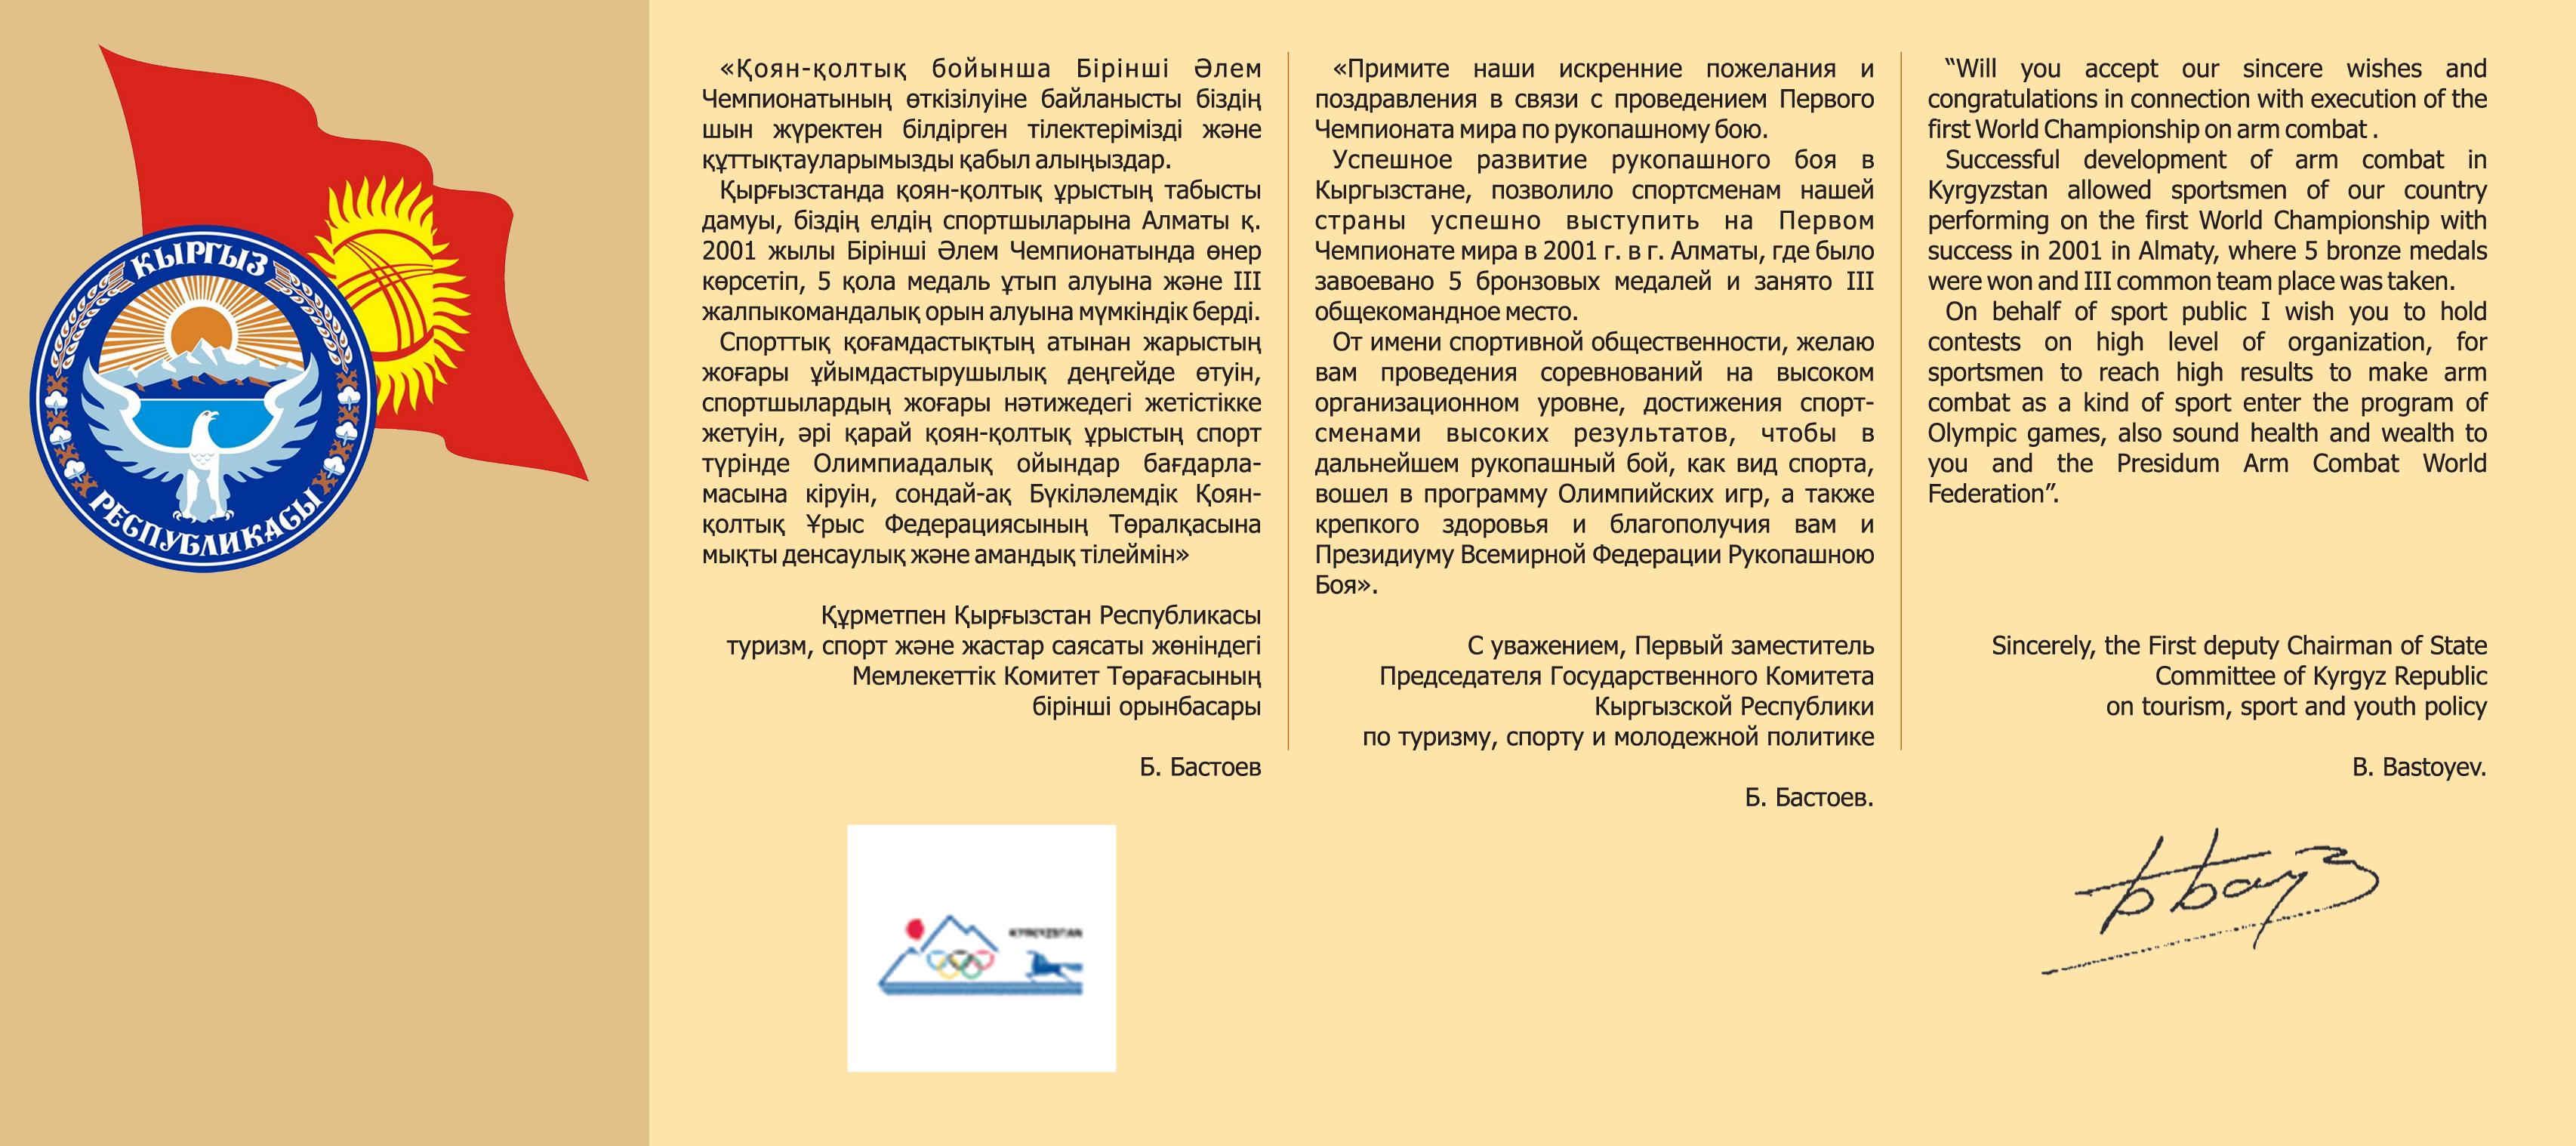 AGWF_Book_Глава_06_Первый чемпионат_236-237